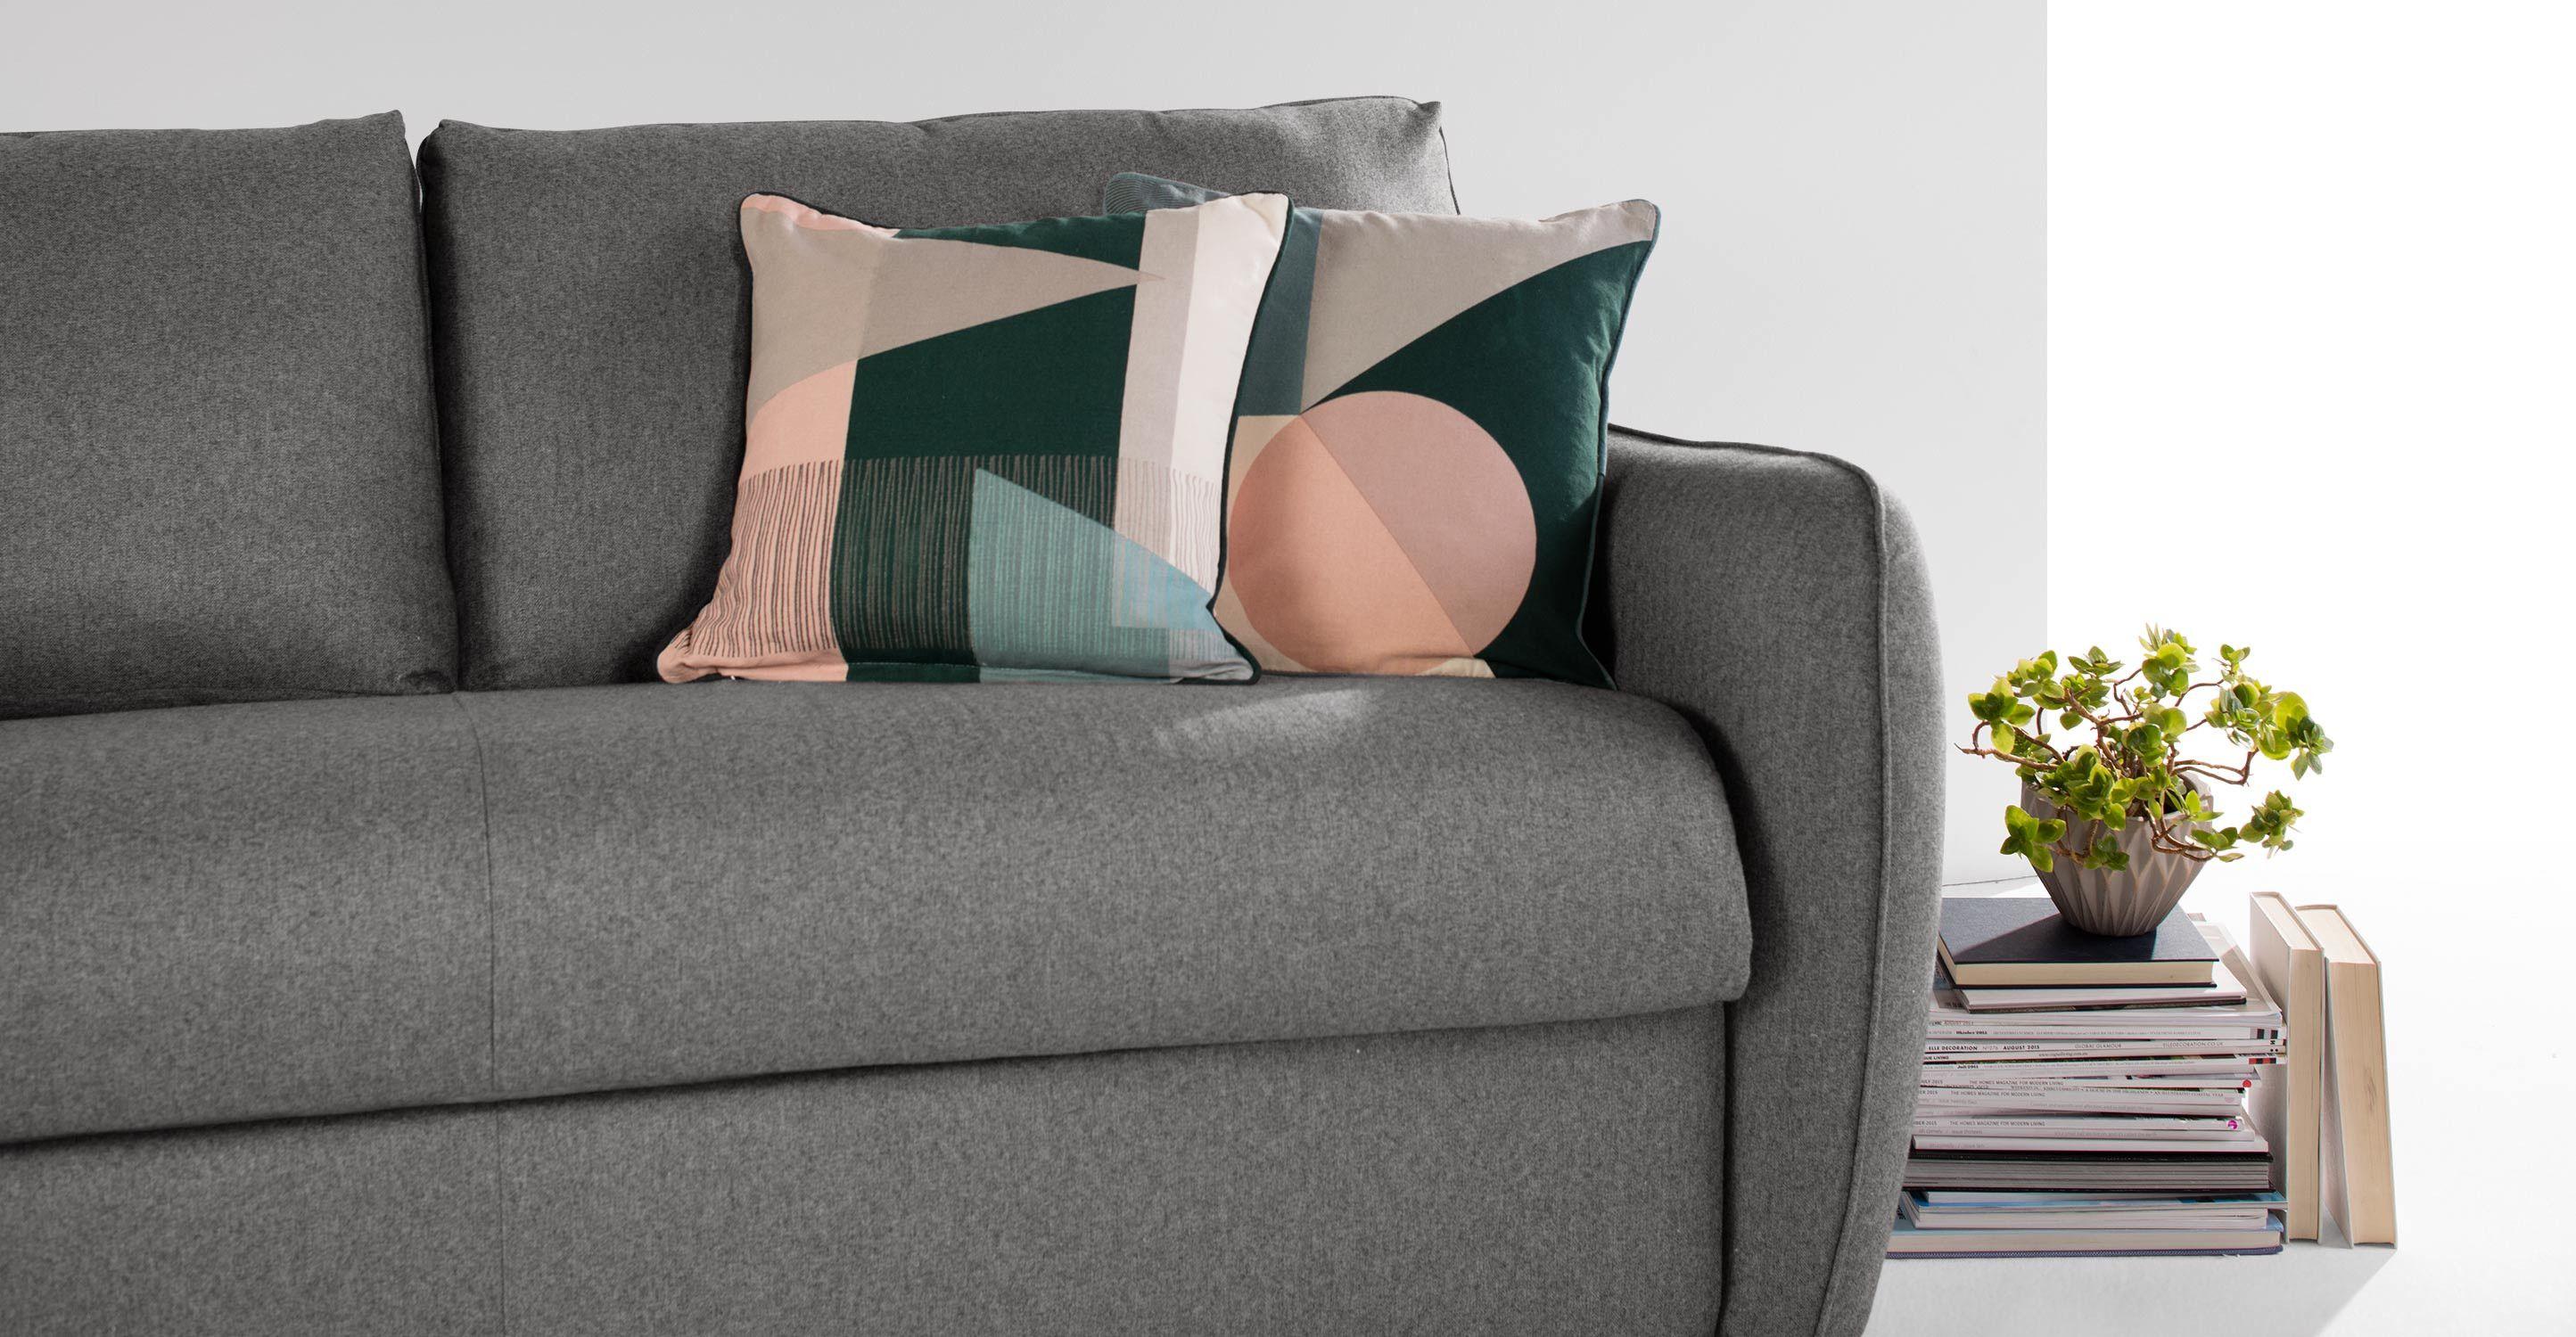 Wunderbar Breites Sofa Dekoration Von Jefferson Schlafsofa, Tweed In Grau ▻ Neues